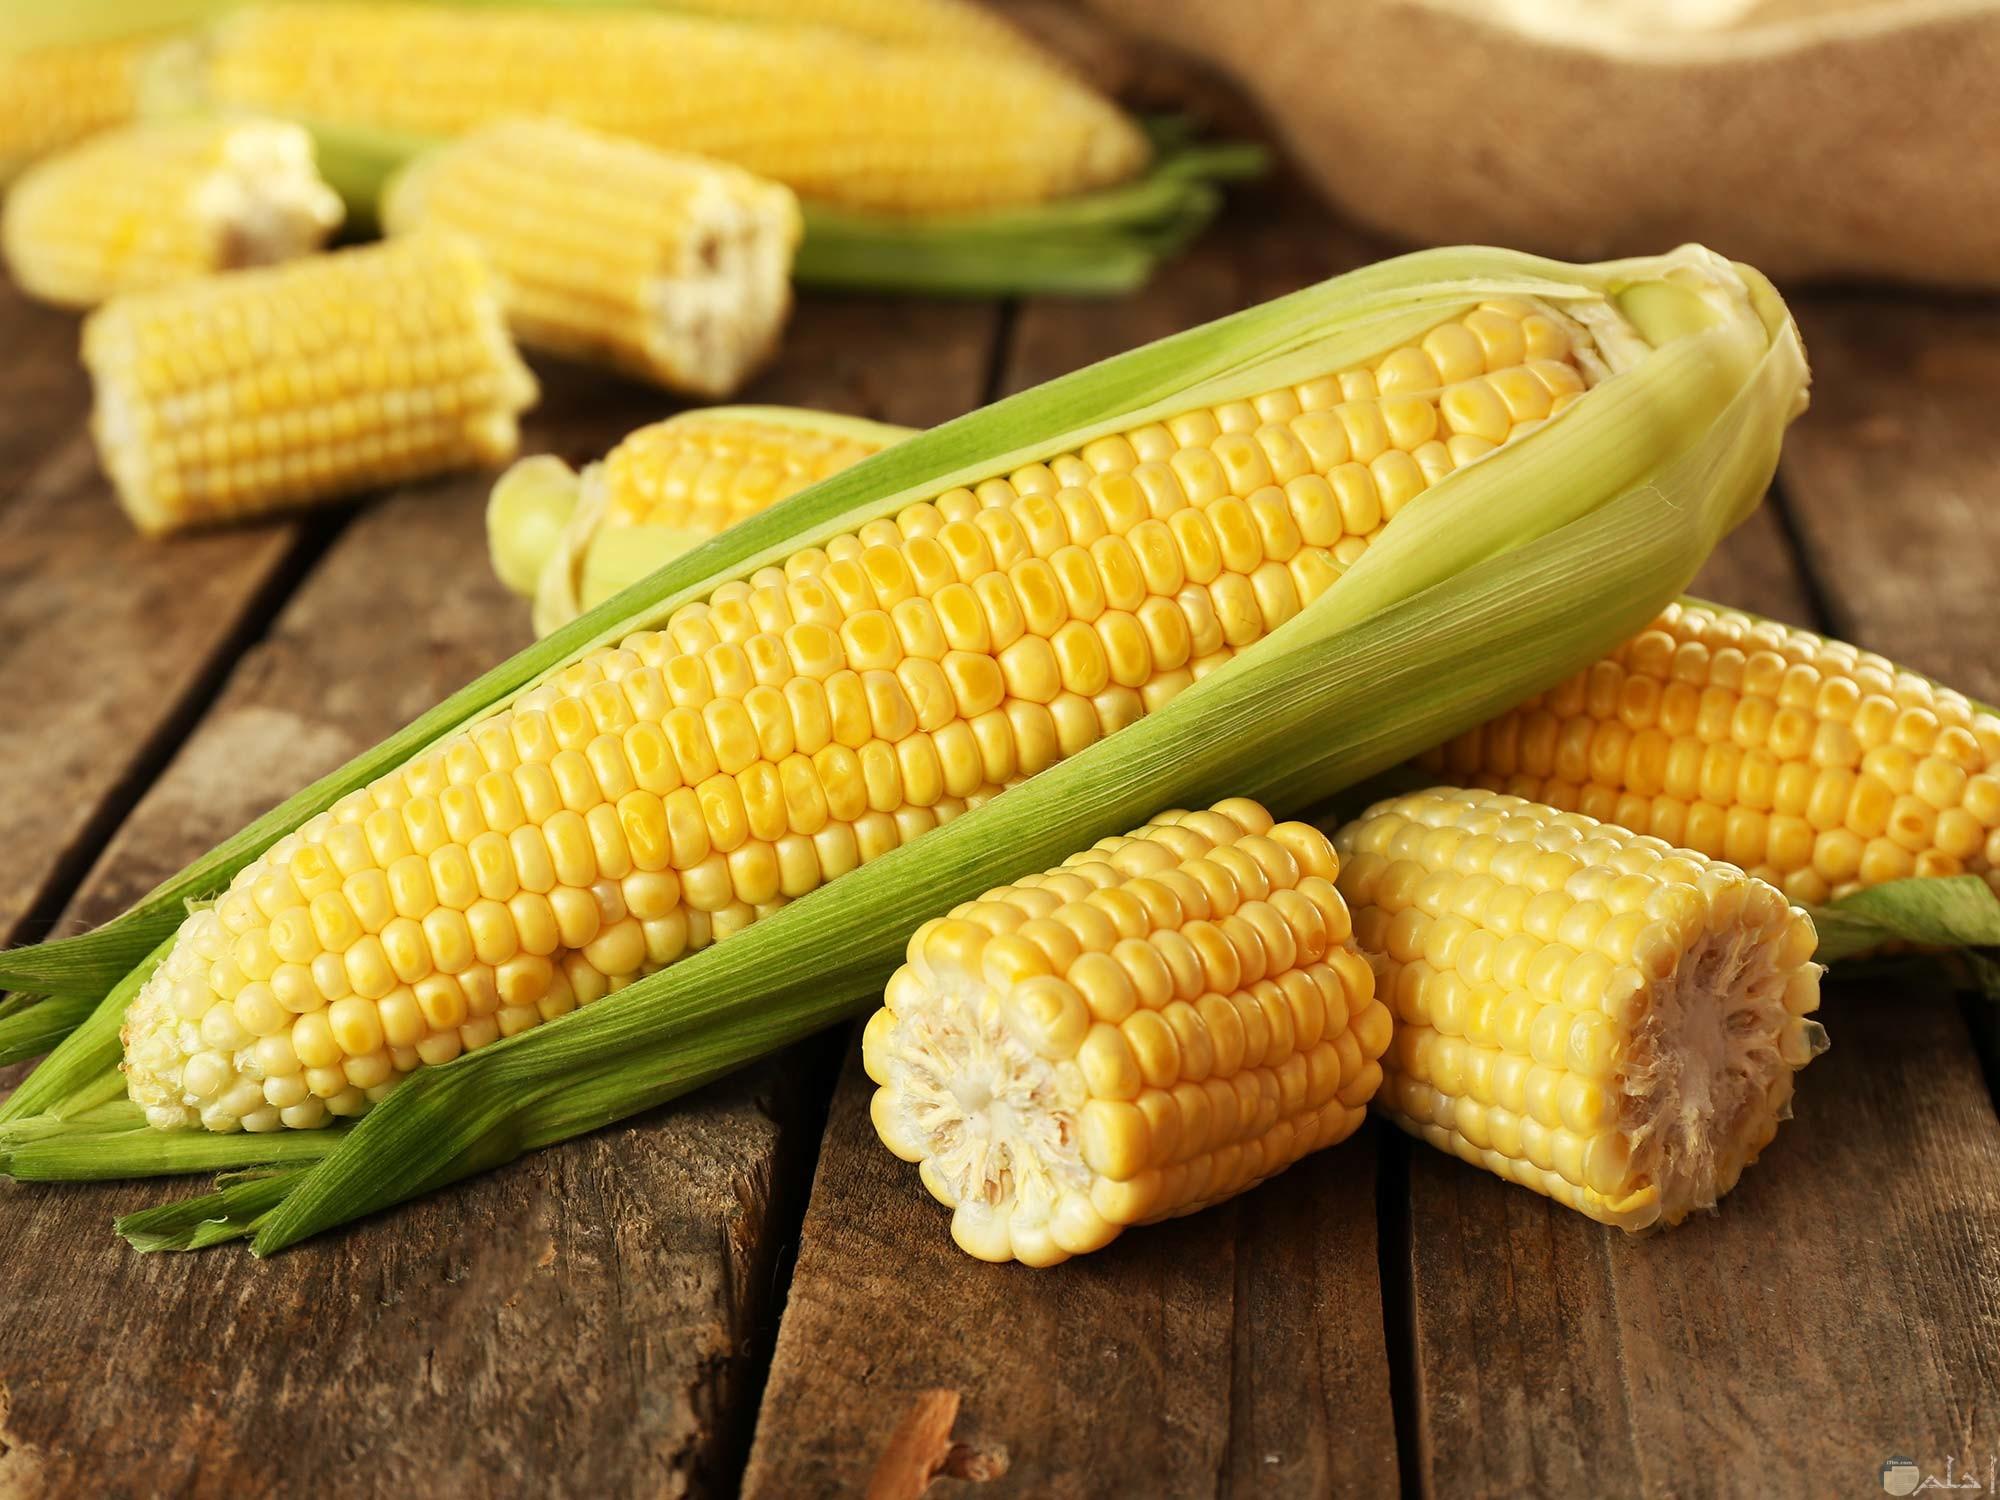 حبات الذرة الصفراء اللذيذة الطعم والكثيرة الفوائد